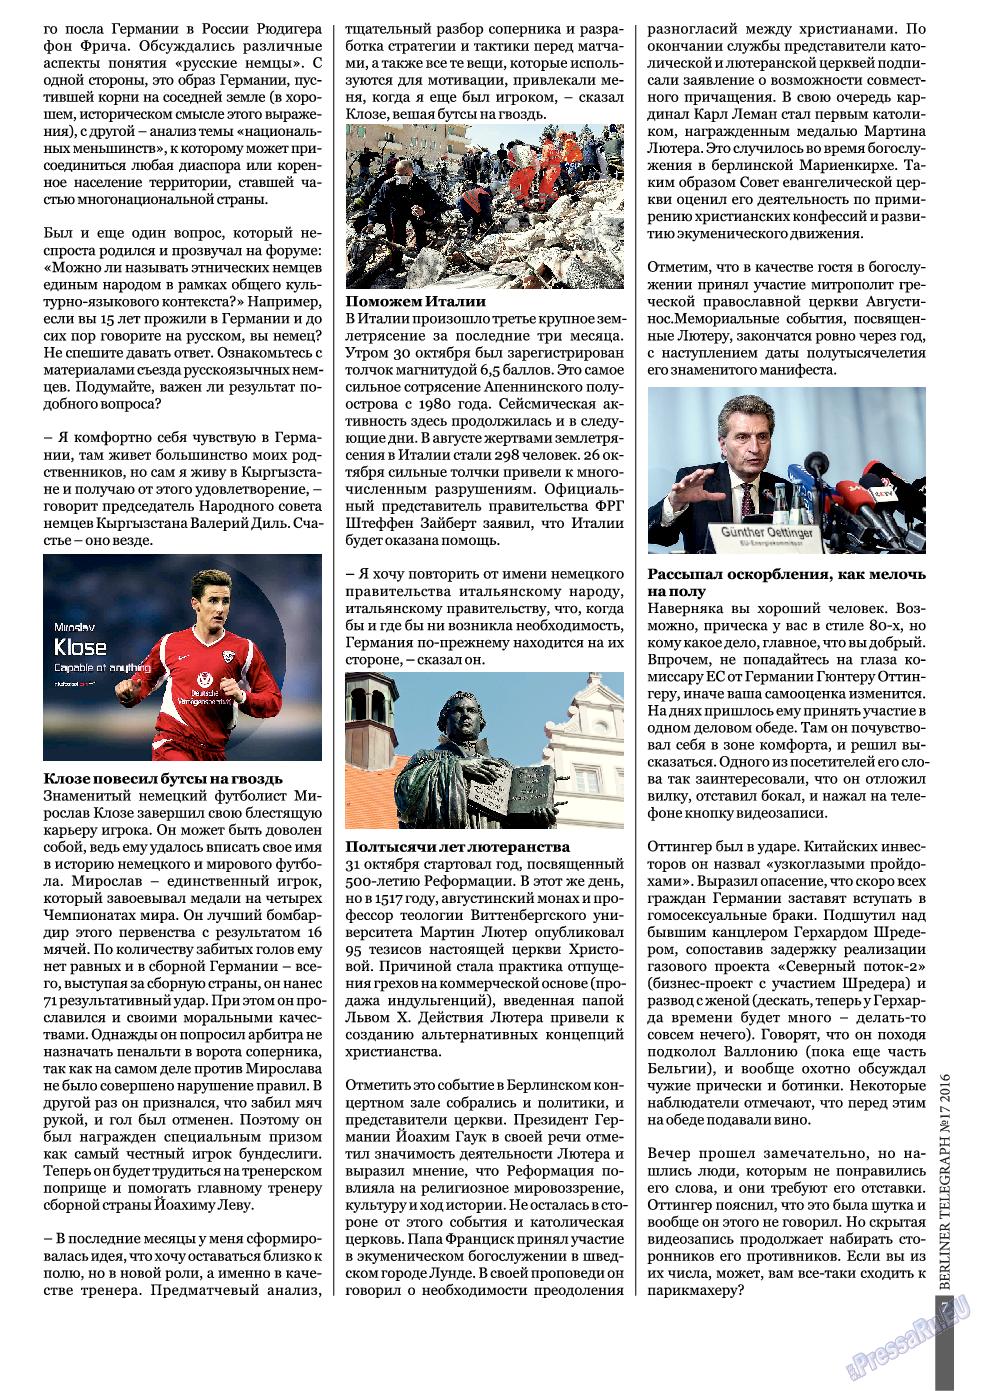 Берлинский телеграф (журнал). 2016 год, номер 17, стр. 7